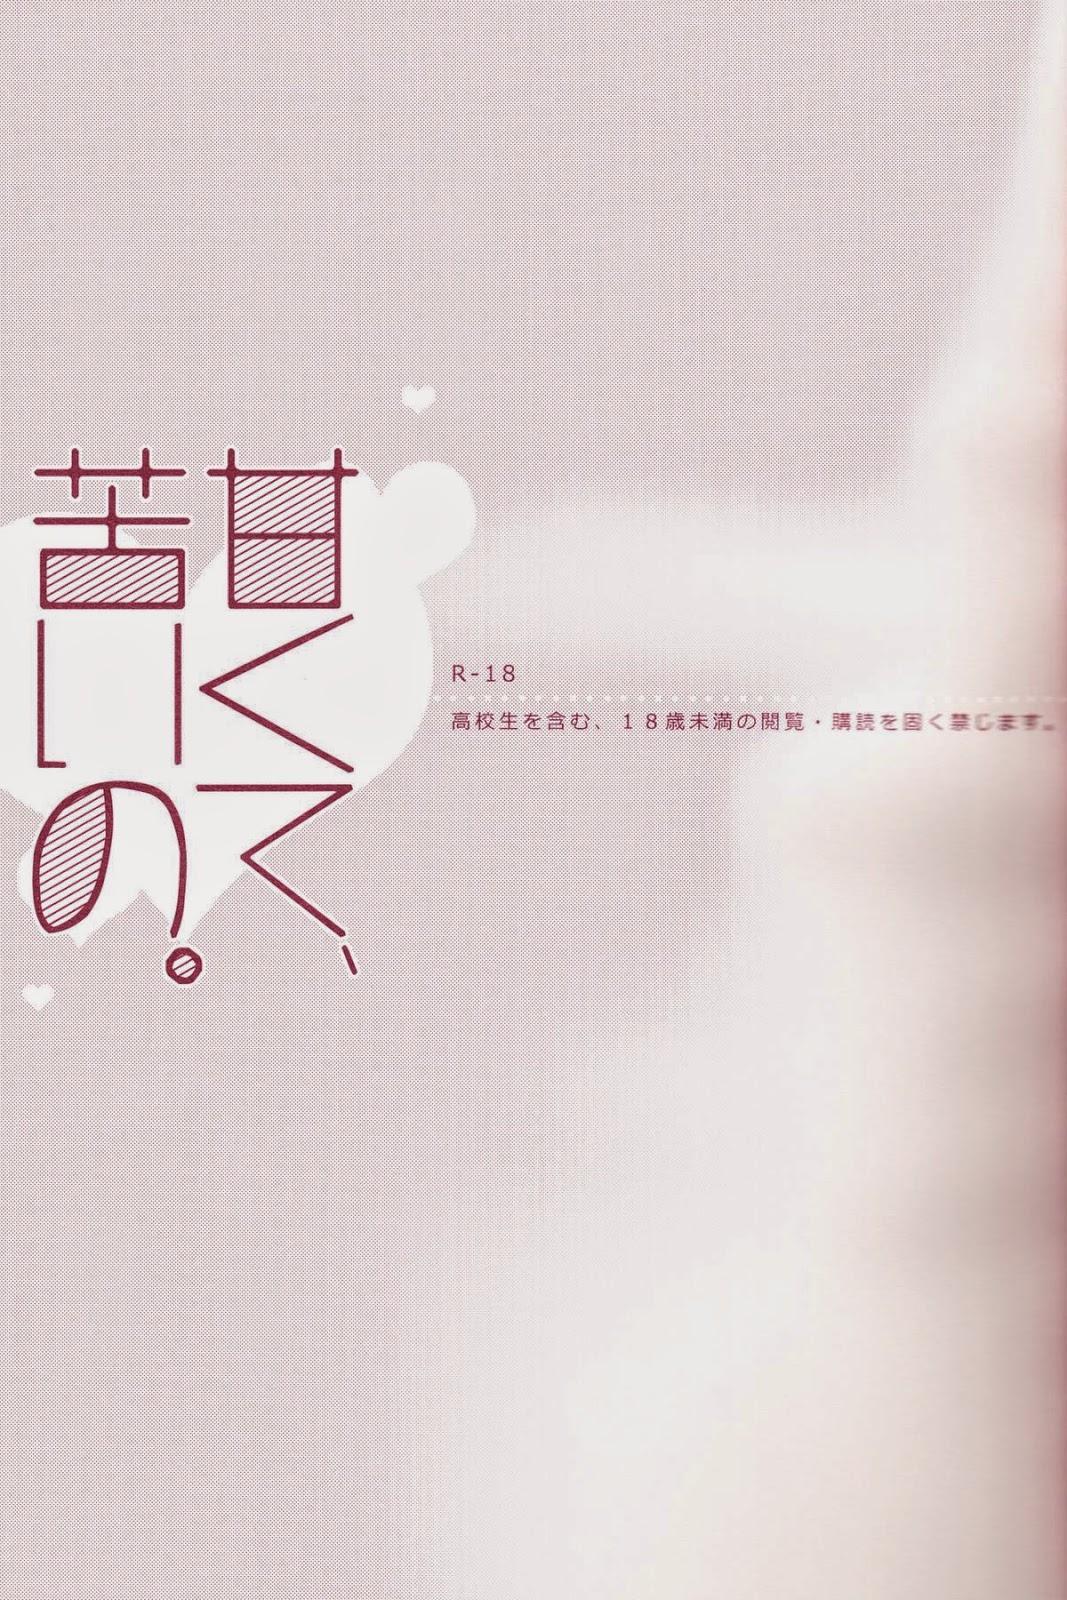 Amakute, Nigai no. 1